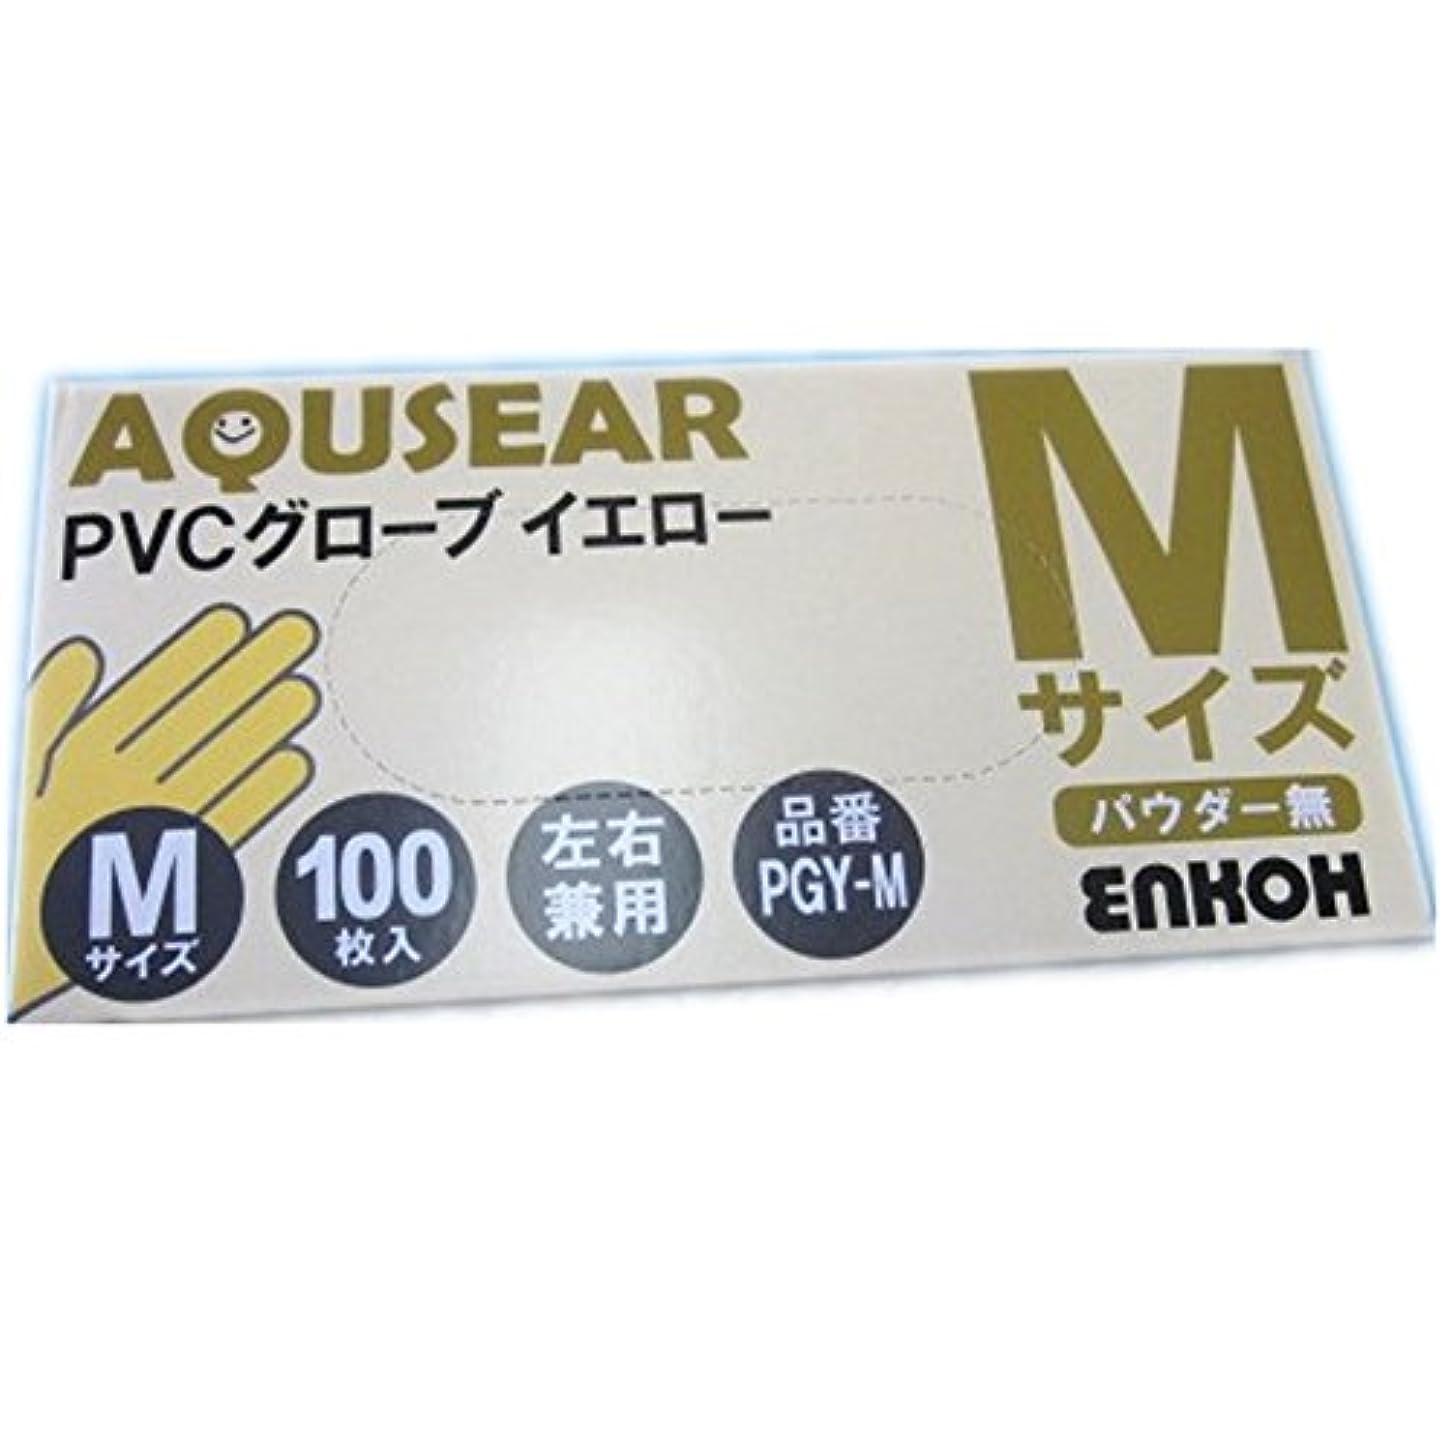 私たち自身過半数パントリーAQUSEAR PVC プラスチックグローブ イエロー 弾性 Mサイズ パウダー無 PGY-M 100枚箱入